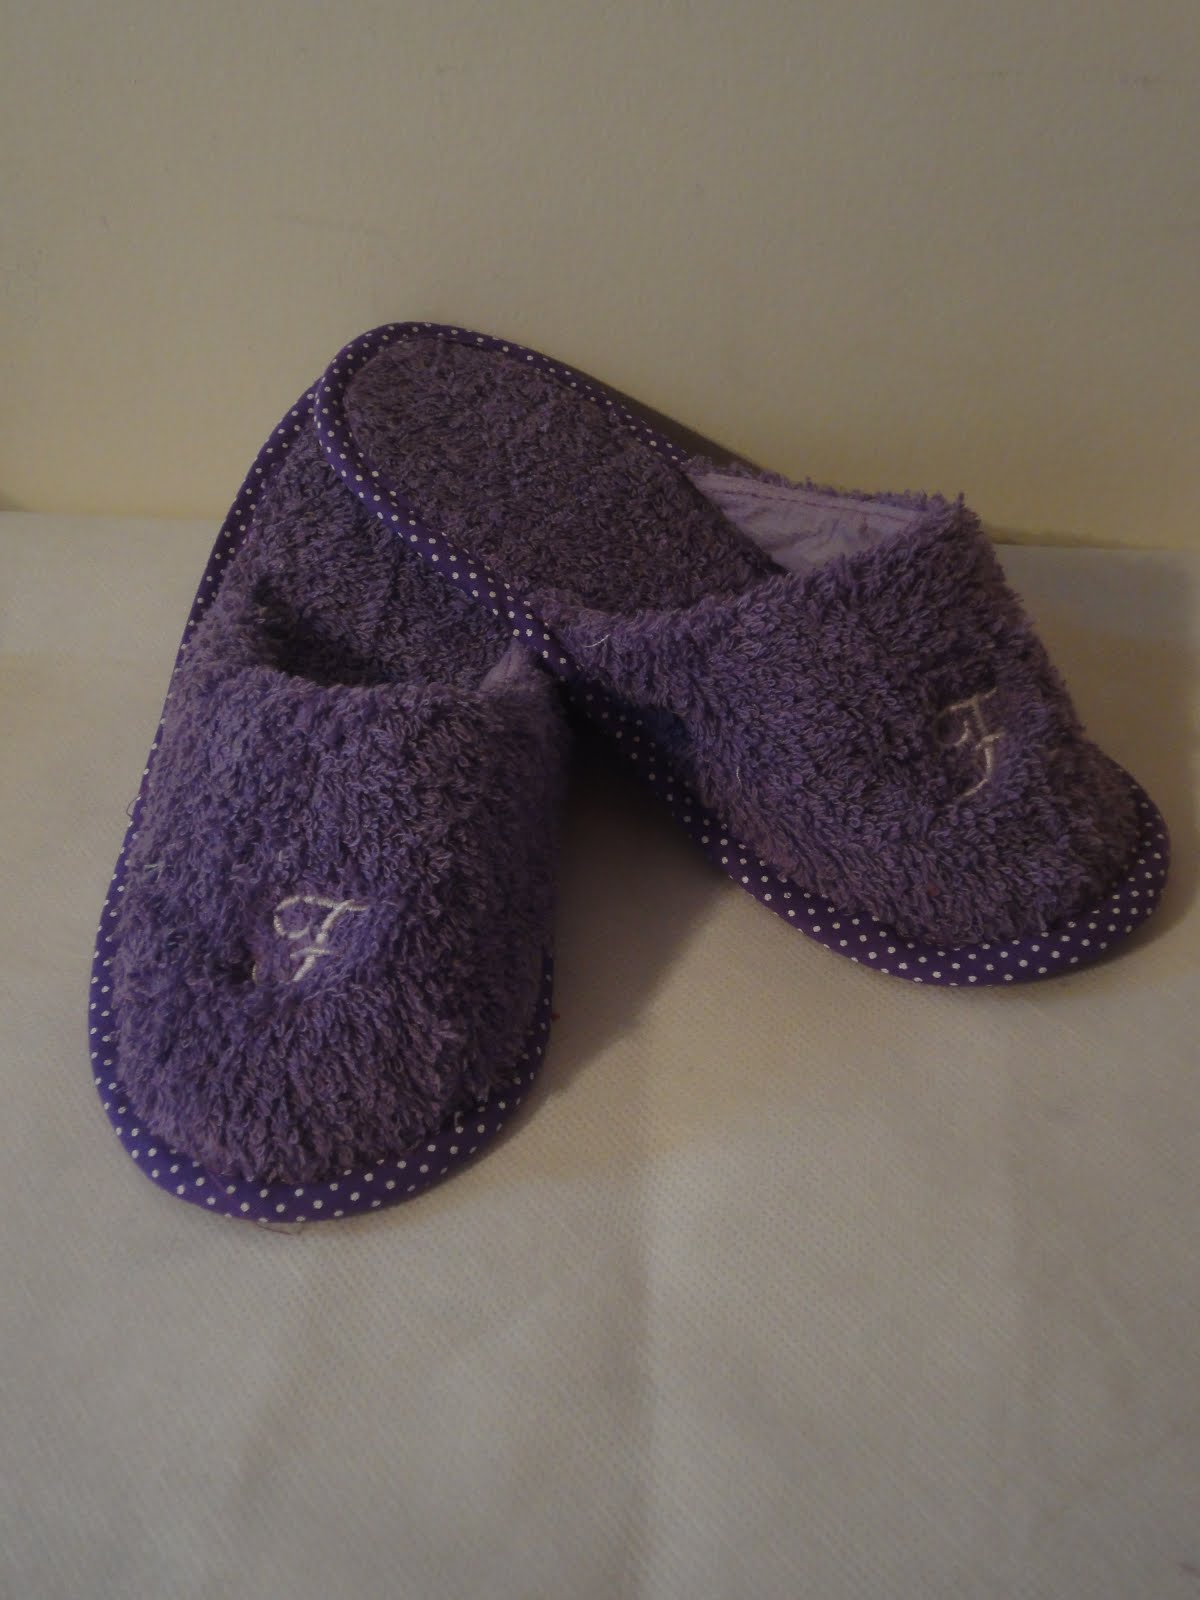 Pantuflas en toalla 15 años souvenirs